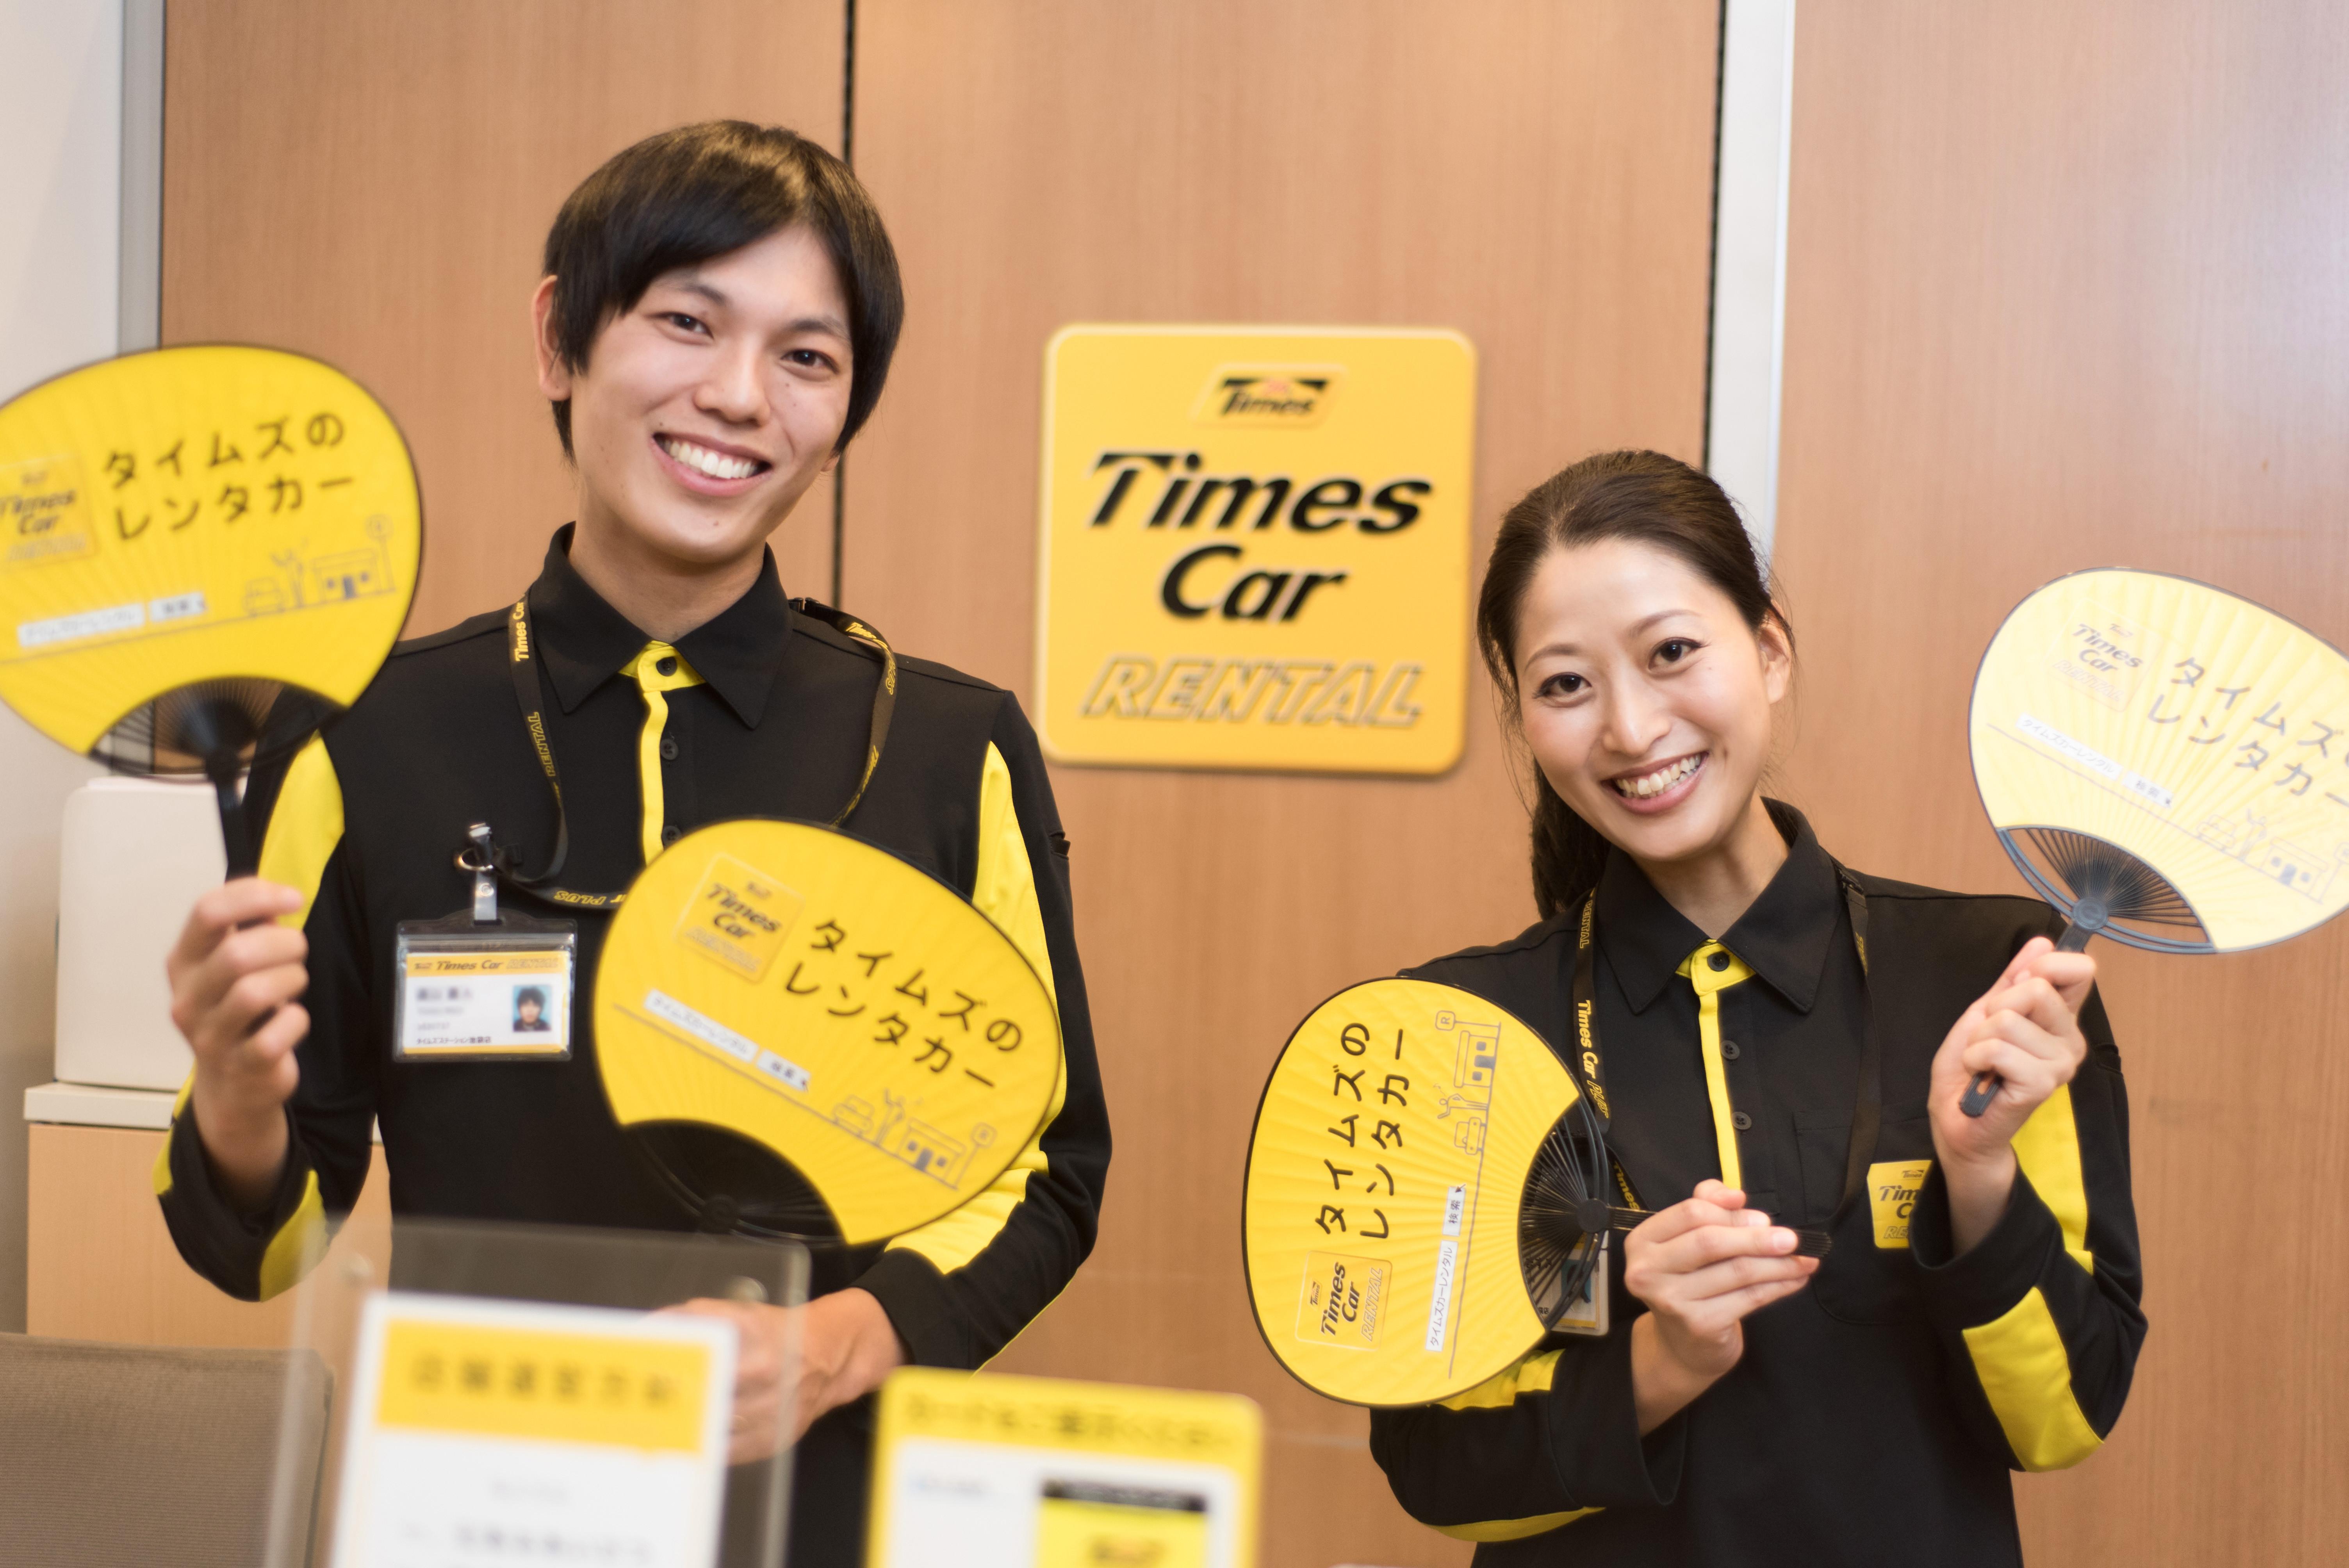 タイムズカーレンタル 平塚店 のアルバイト情報